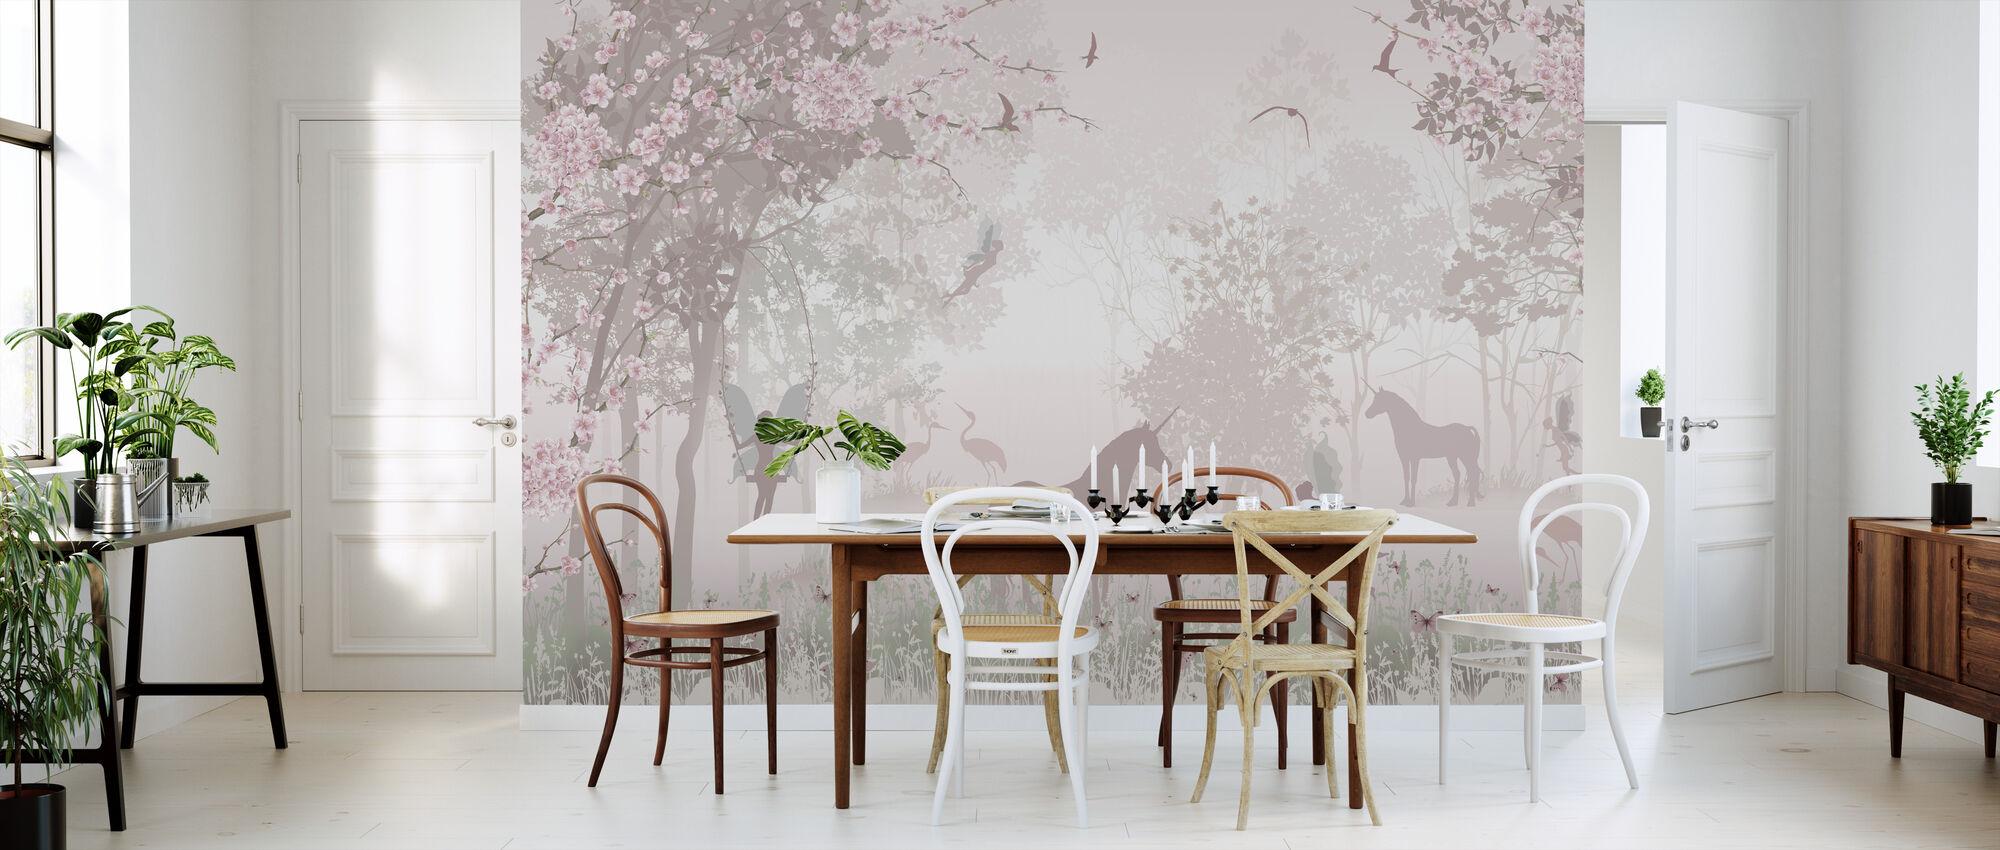 Unicorns and Fairies - Wallpaper - Kitchen